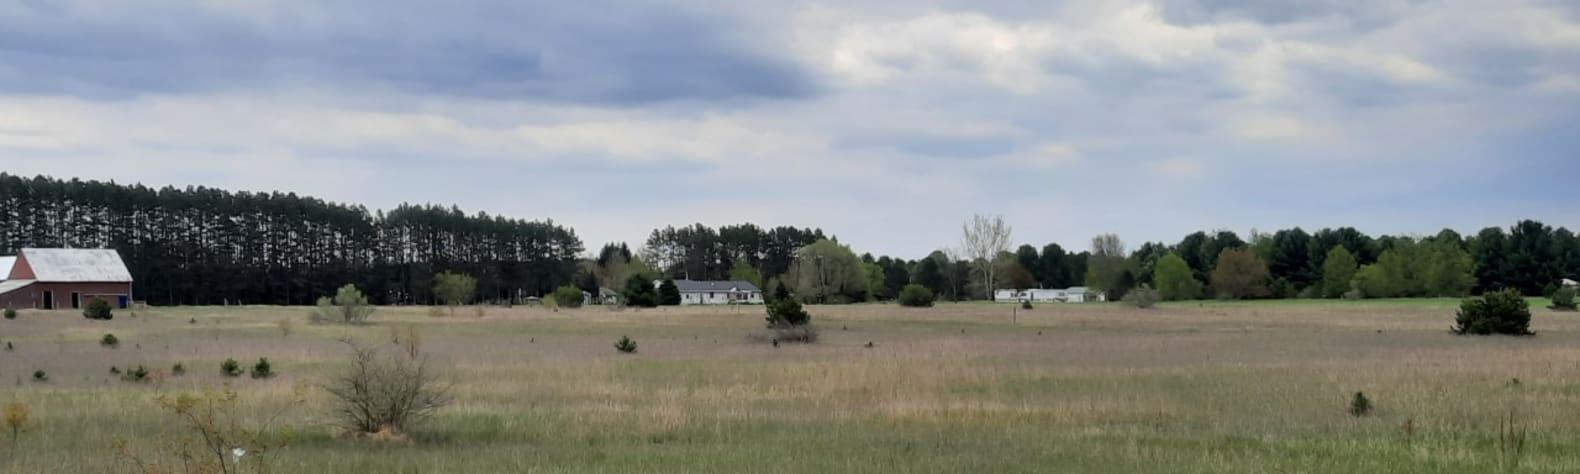 Roger S.'s Land